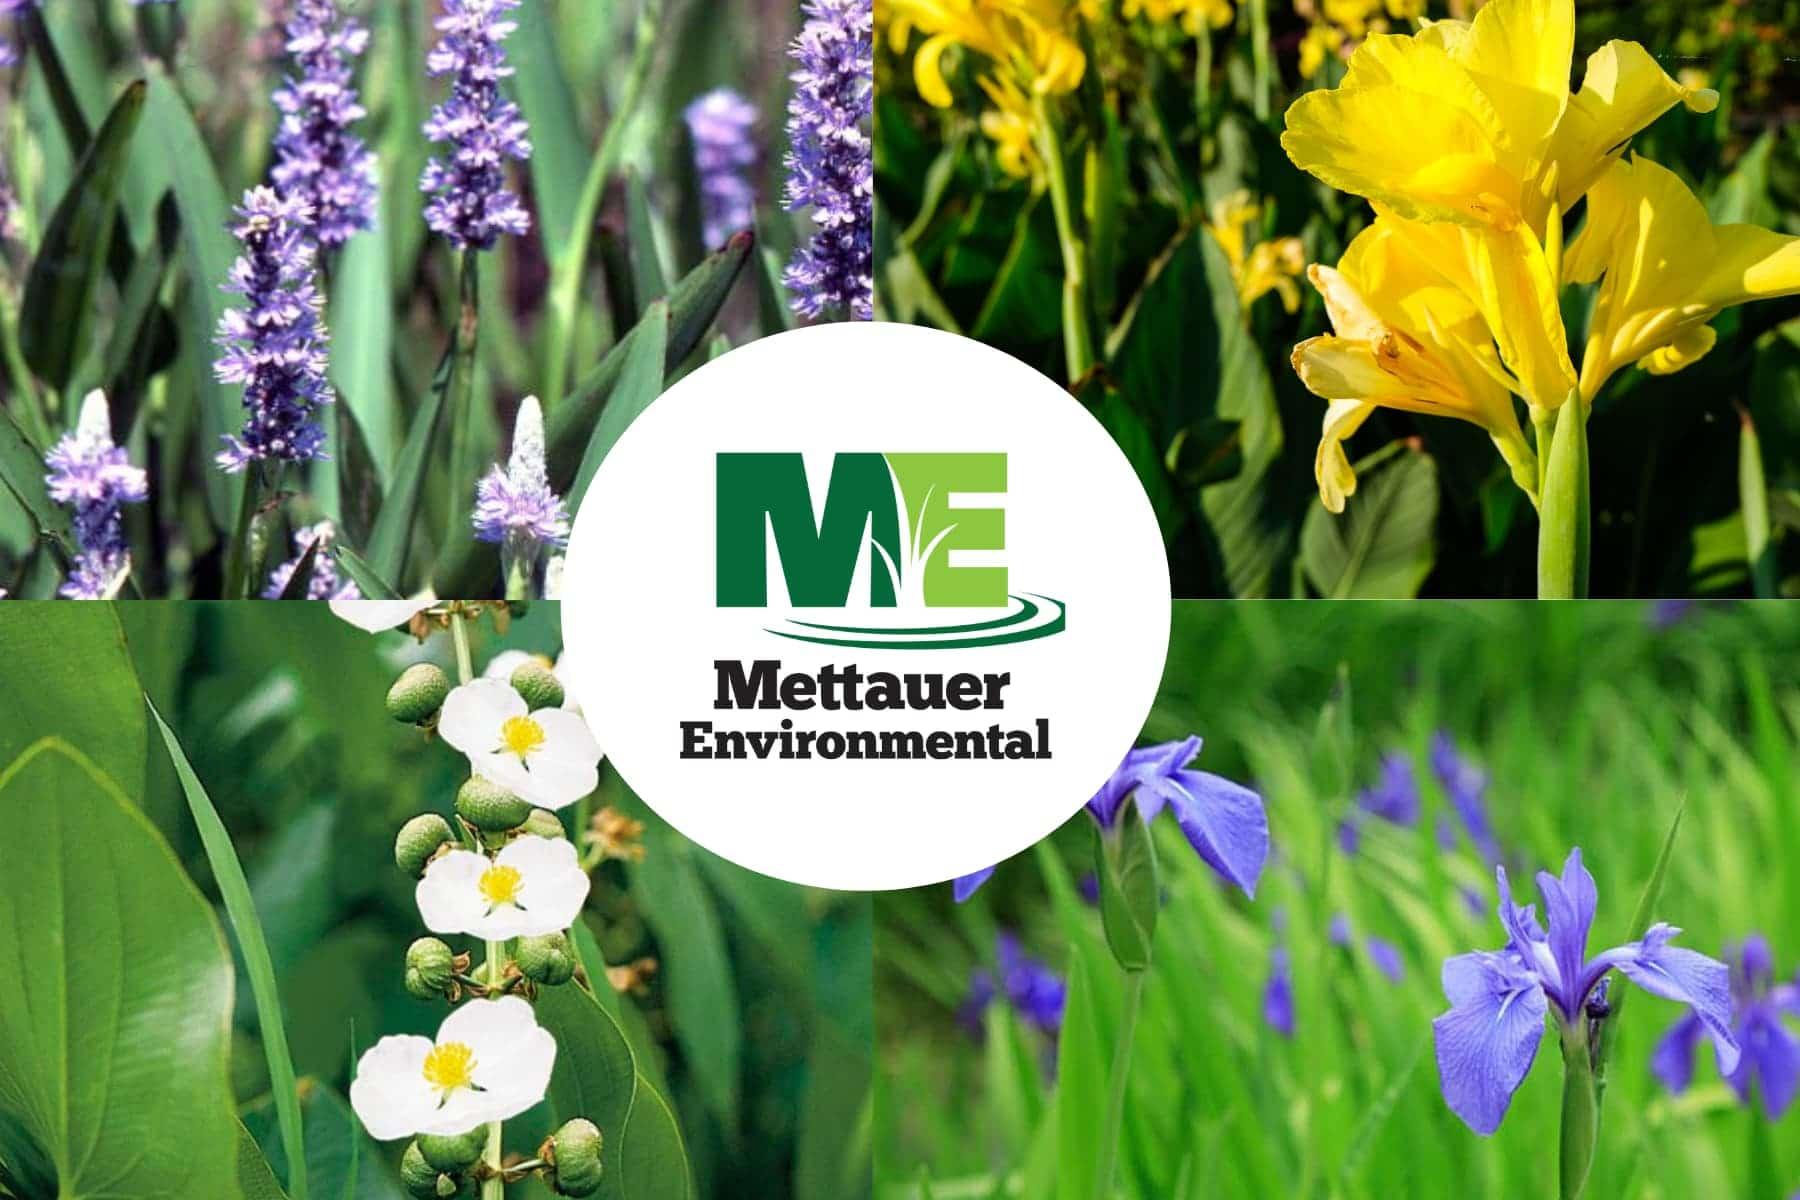 Mettauer Environmental logo with emergent plants